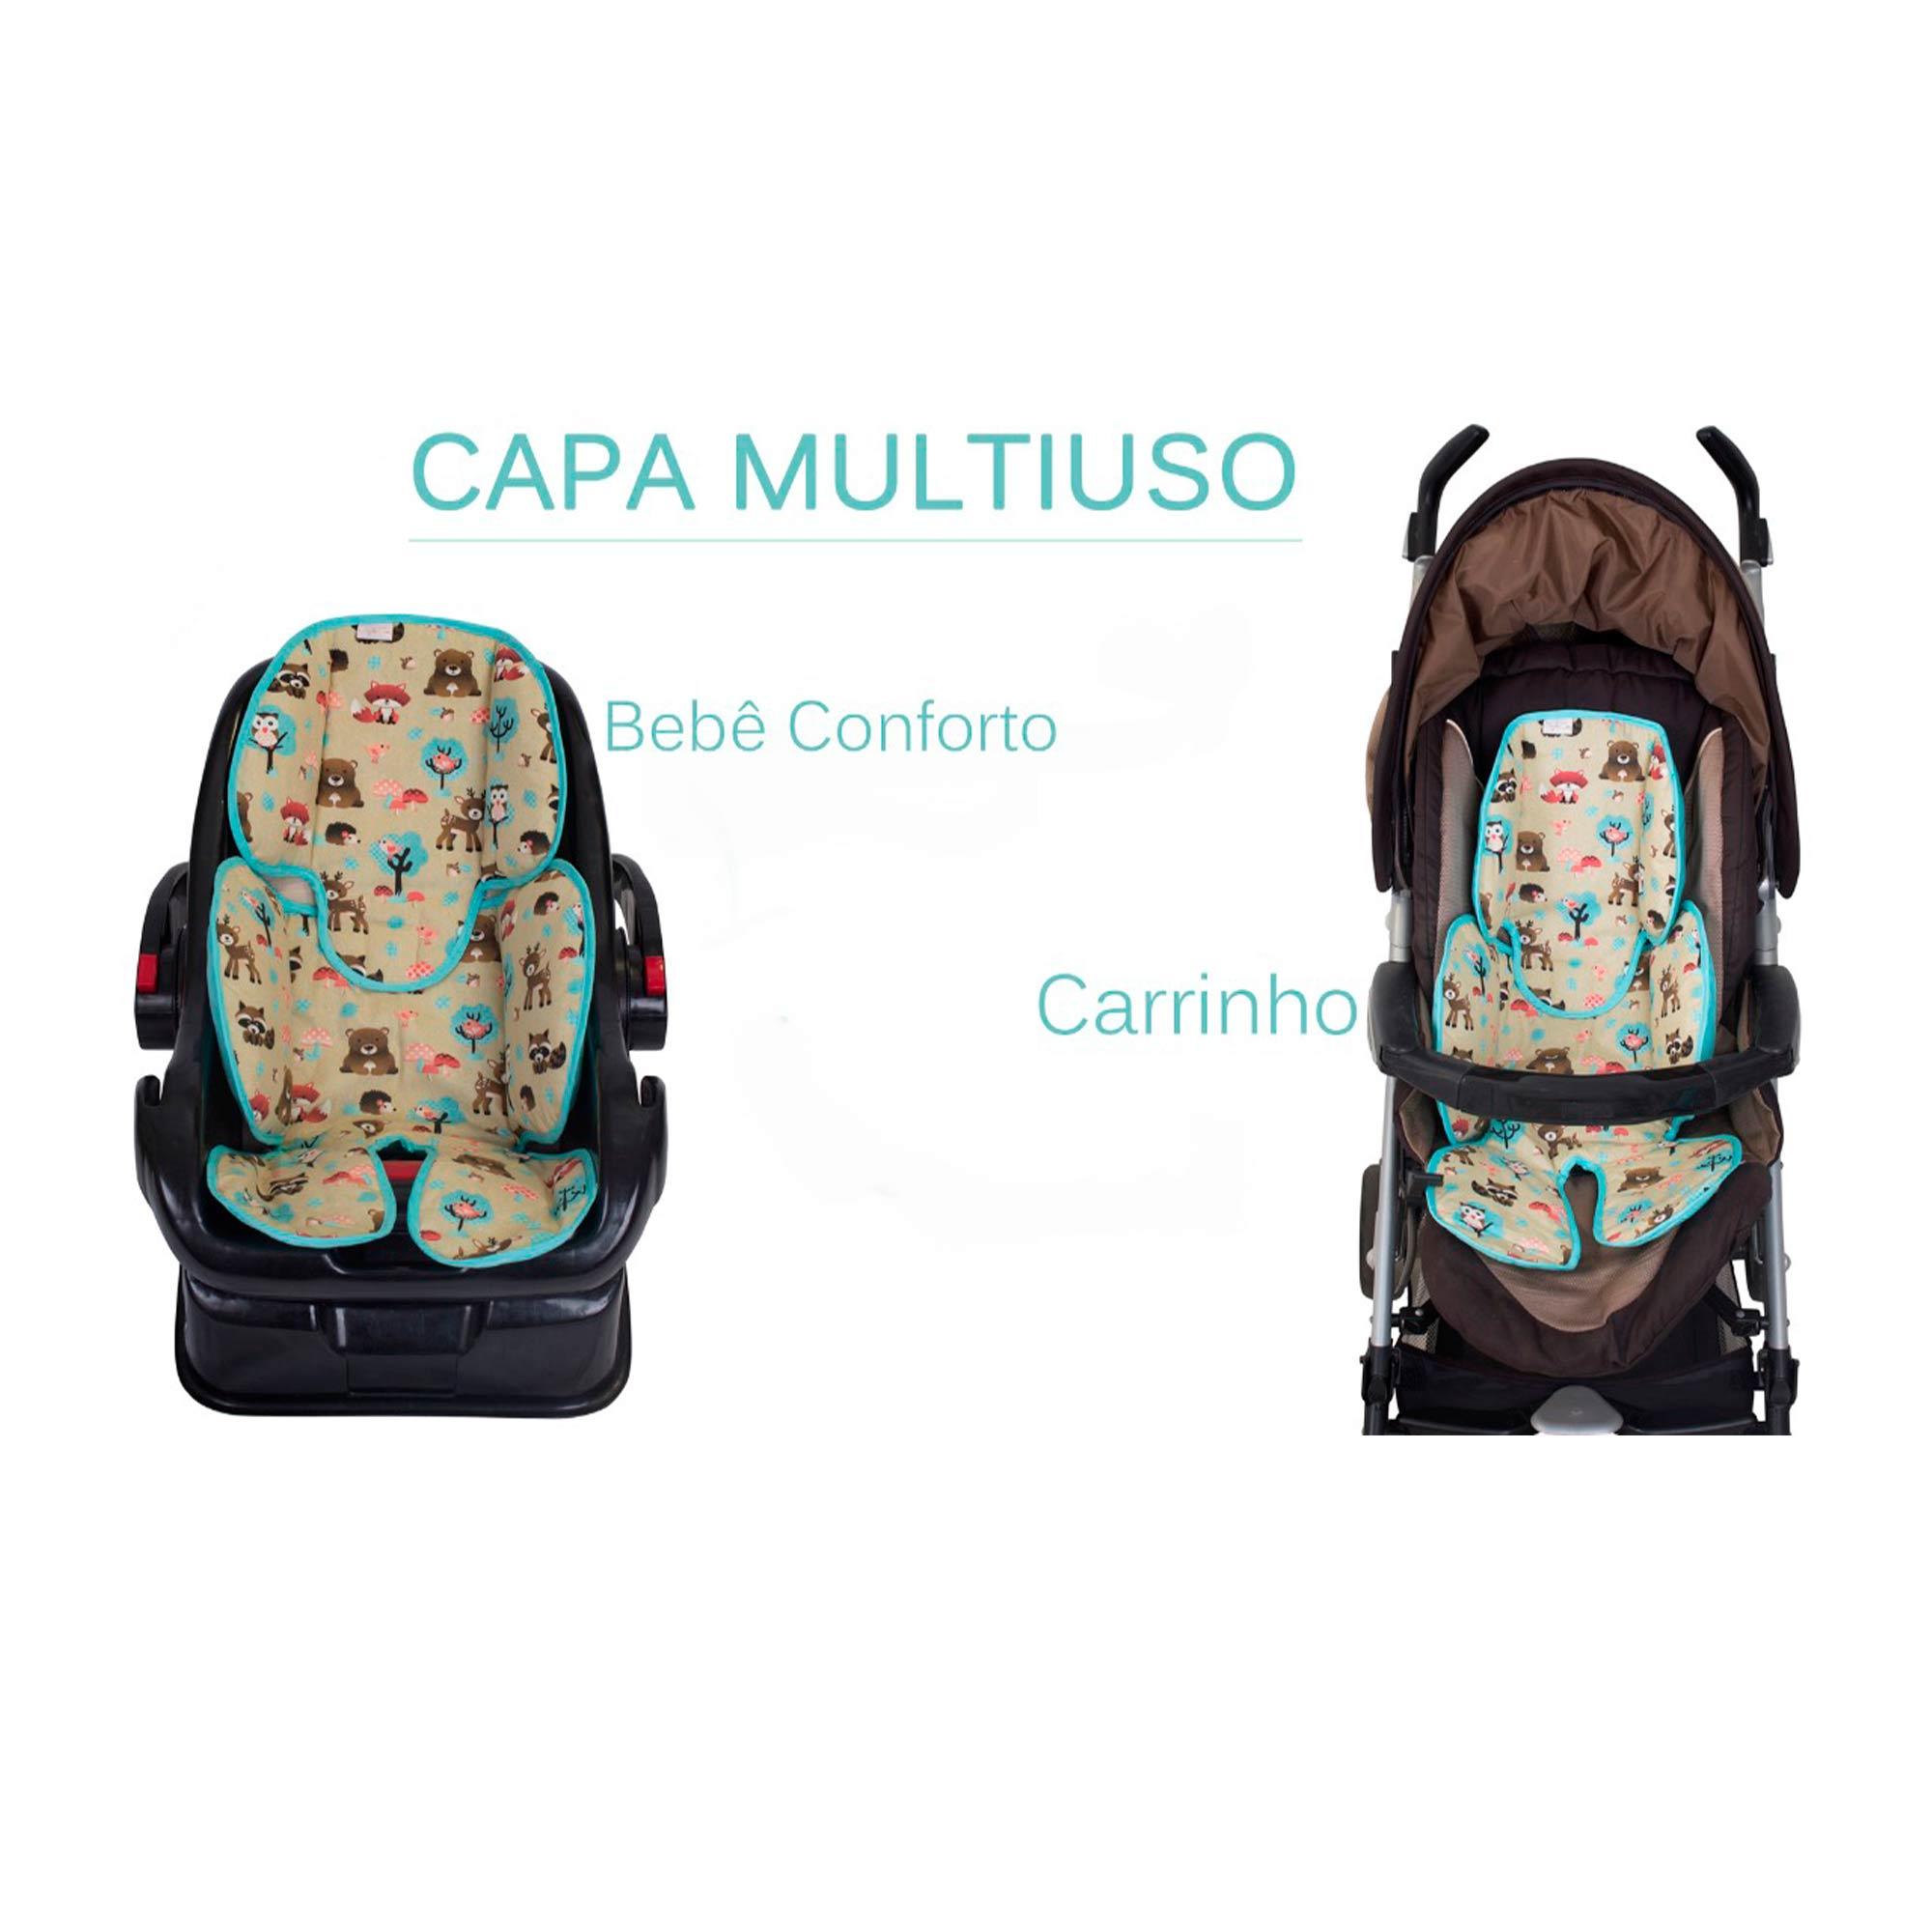 Redutor de Bebê Conforto e Carrinho Flamingo  - Toca do Bebê